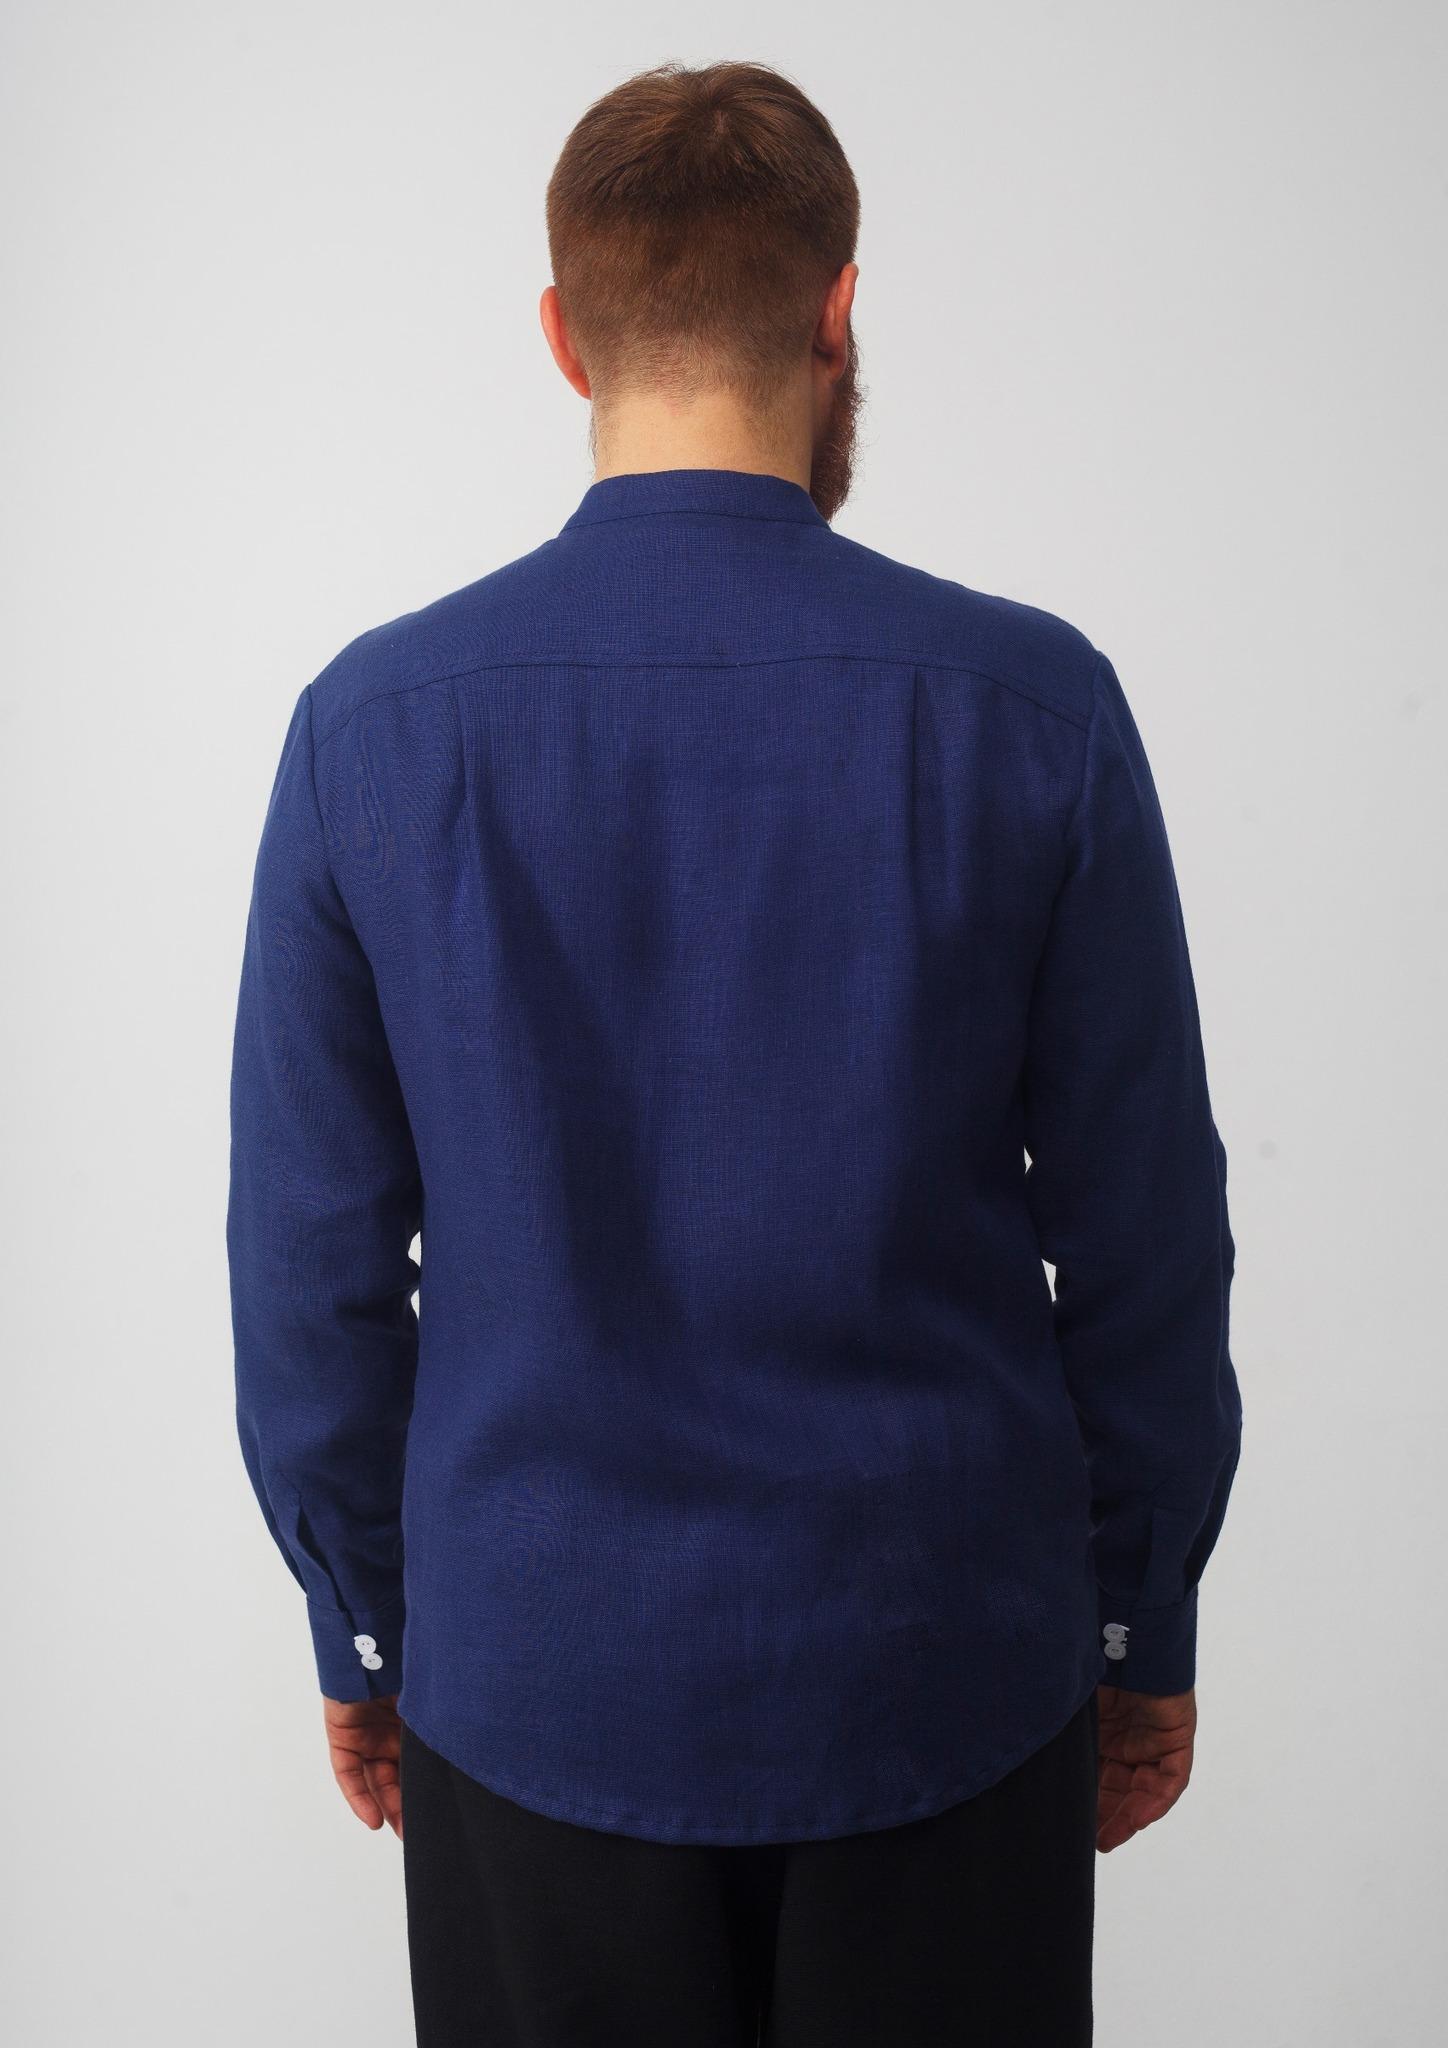 Мужская рубашка Приморская вид сзади